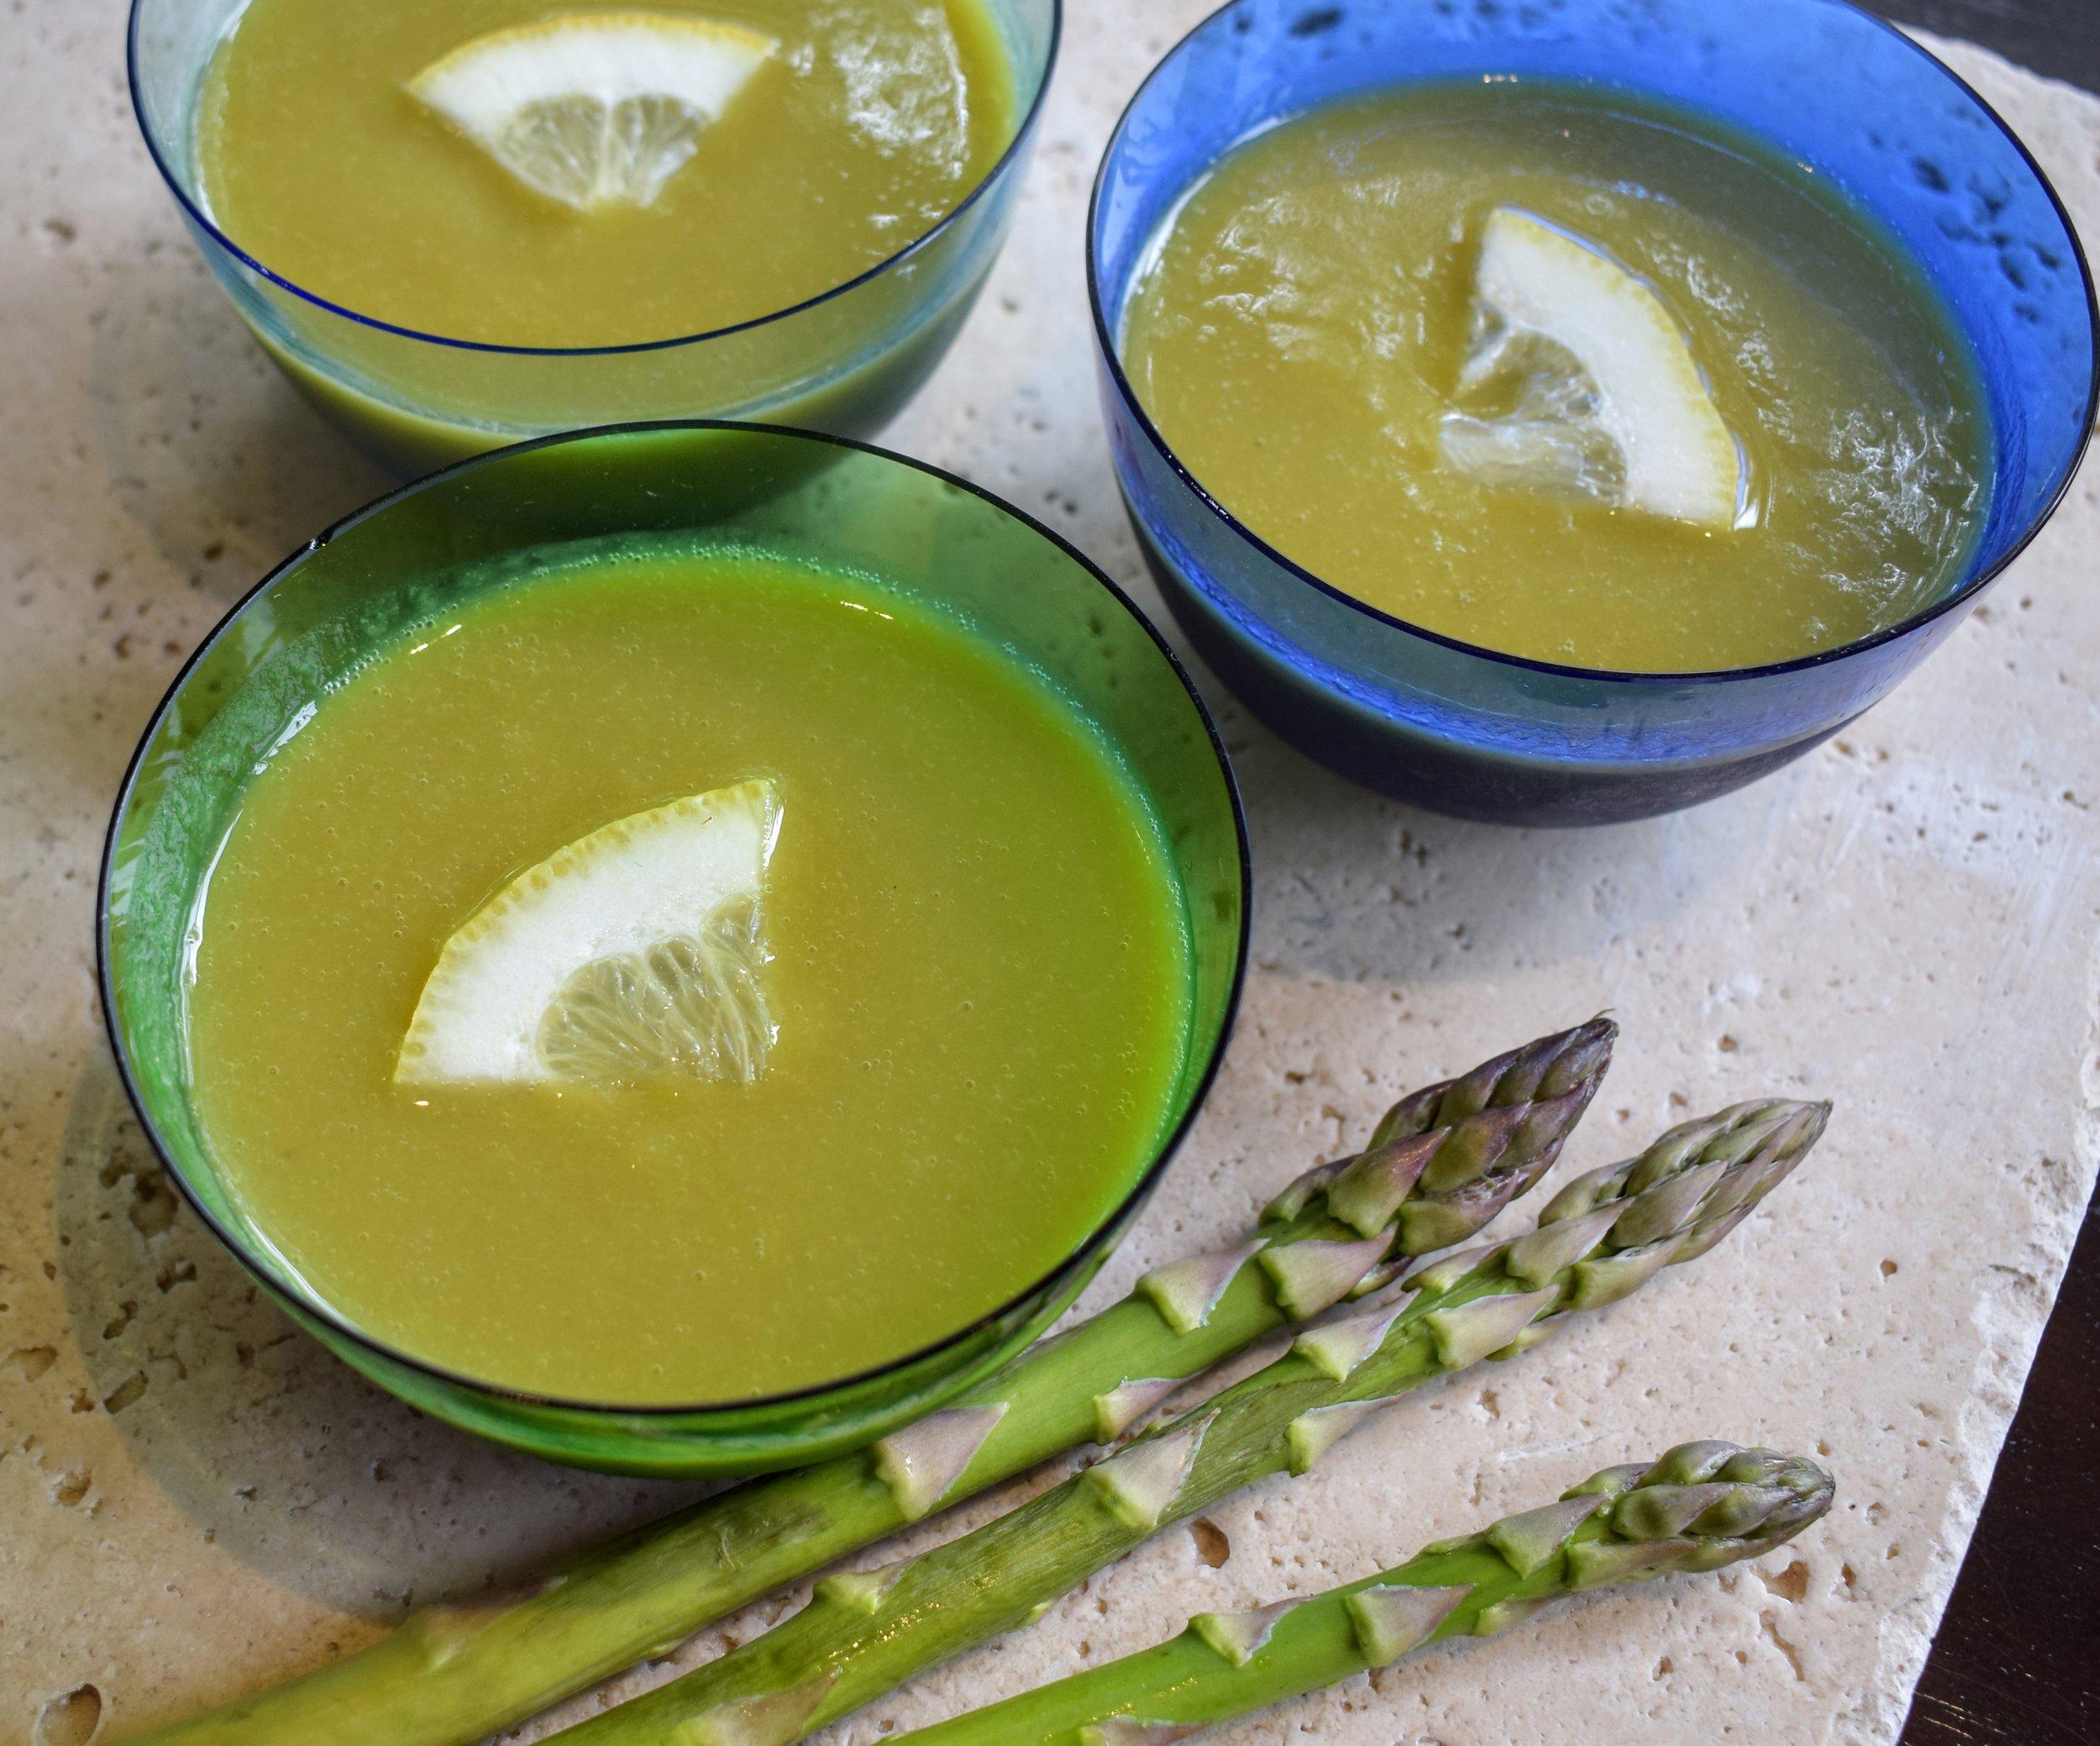 lemon asp soup 3 bowls.JPG